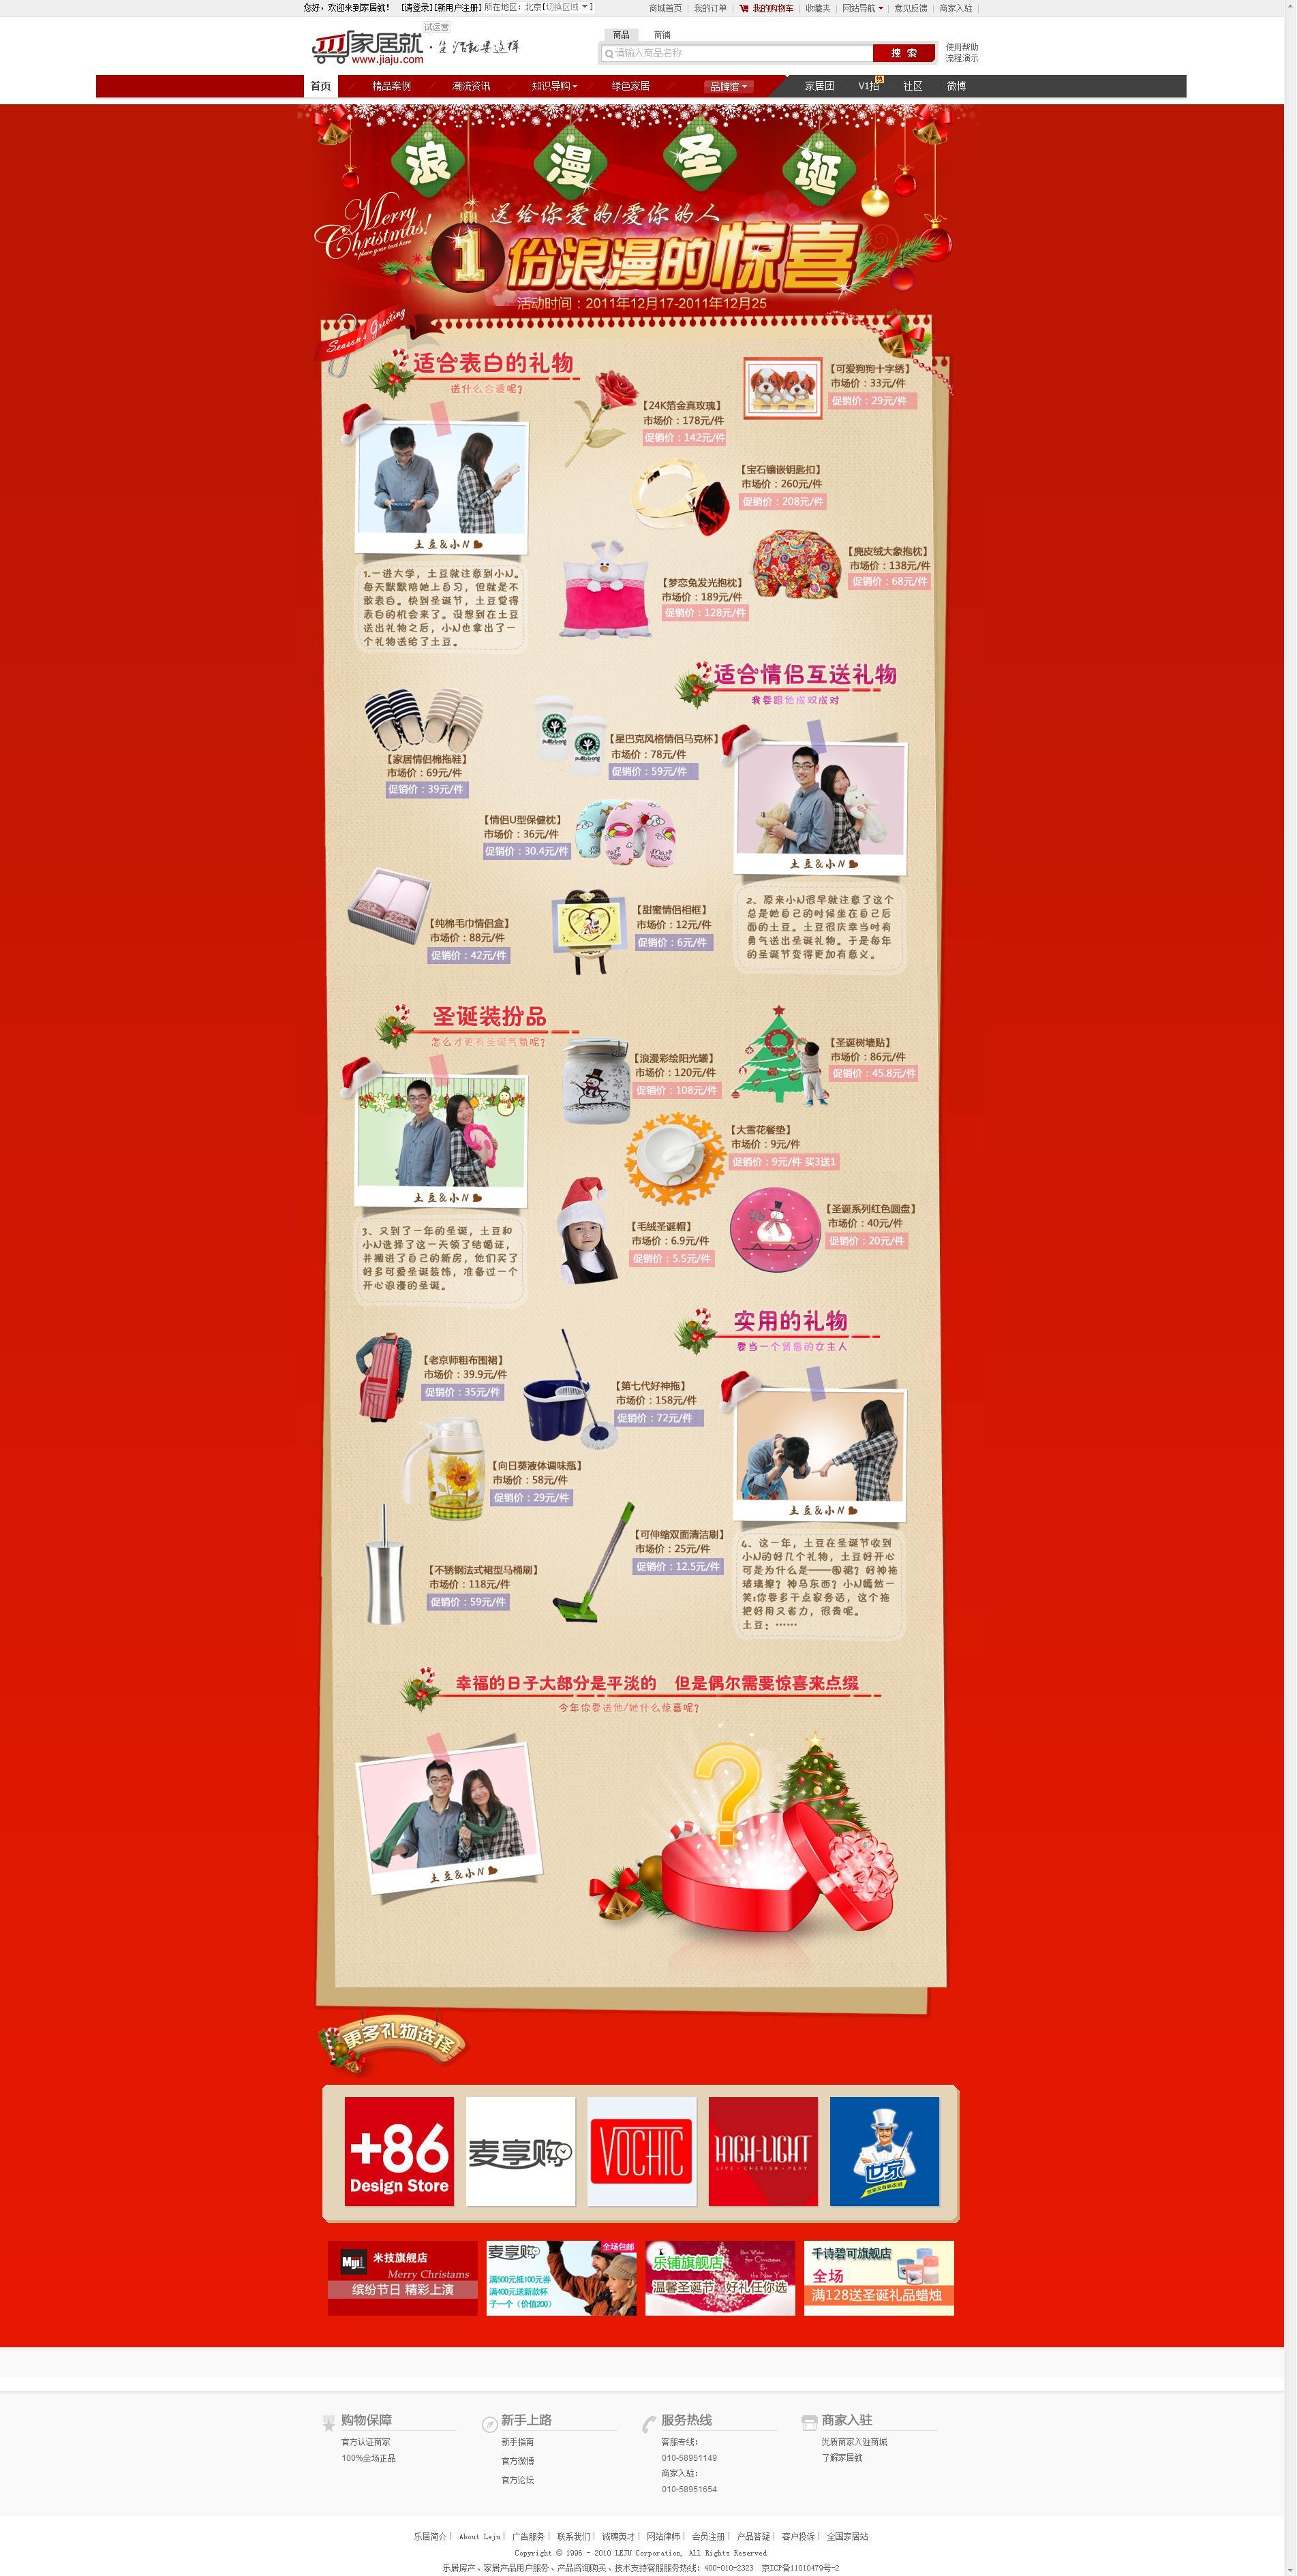 商品排版比较随意,红色衬托出圣诞气氛,用一张牛皮纸来记录他们的恋爱图片